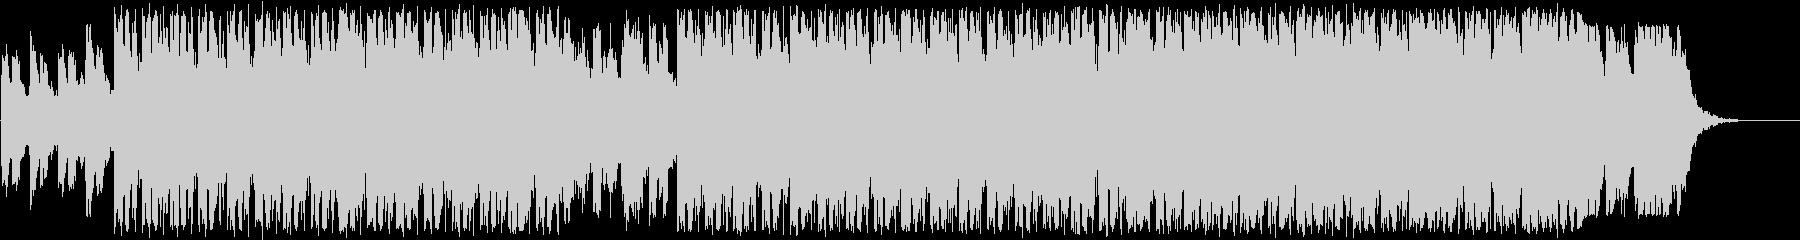 ネオソウル、ヒップホップ、チルアウトの未再生の波形